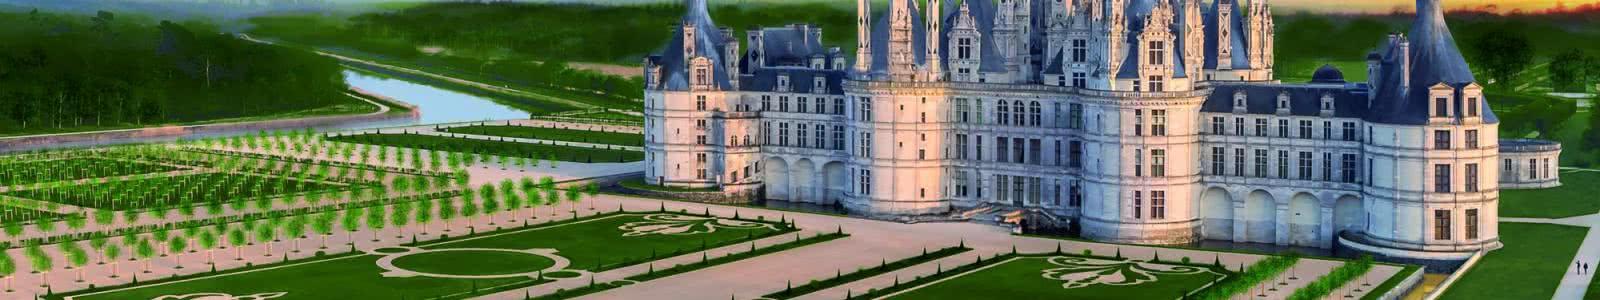 Jardins de Chambord ©Domaine national de Chambord